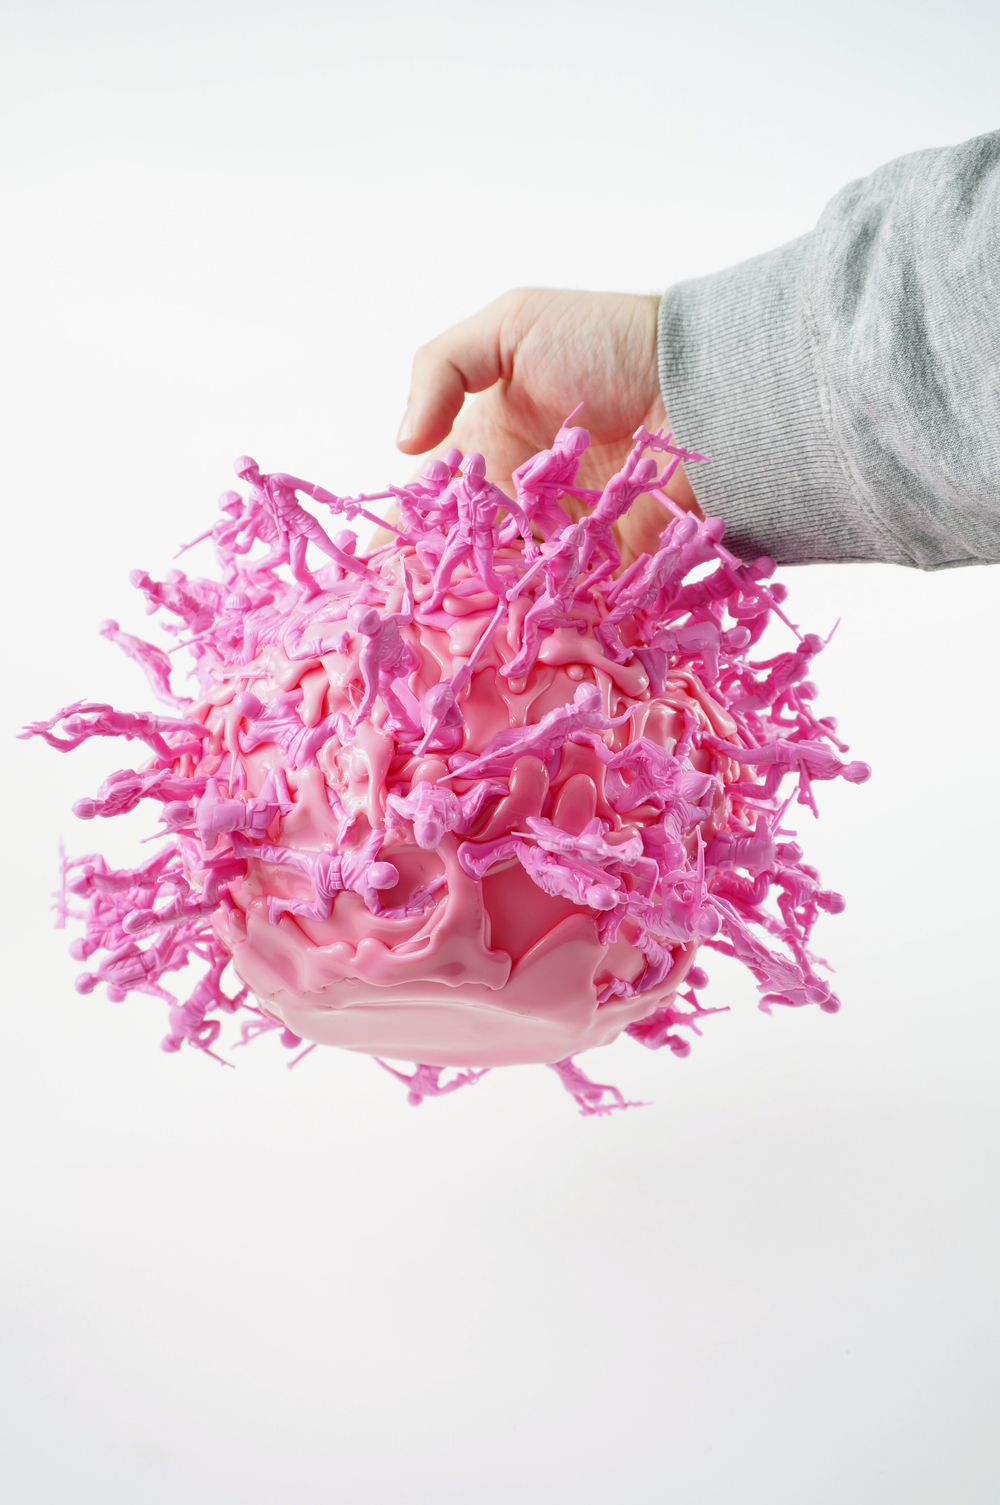 PinkArmyMenHoldingUndersides.jpg